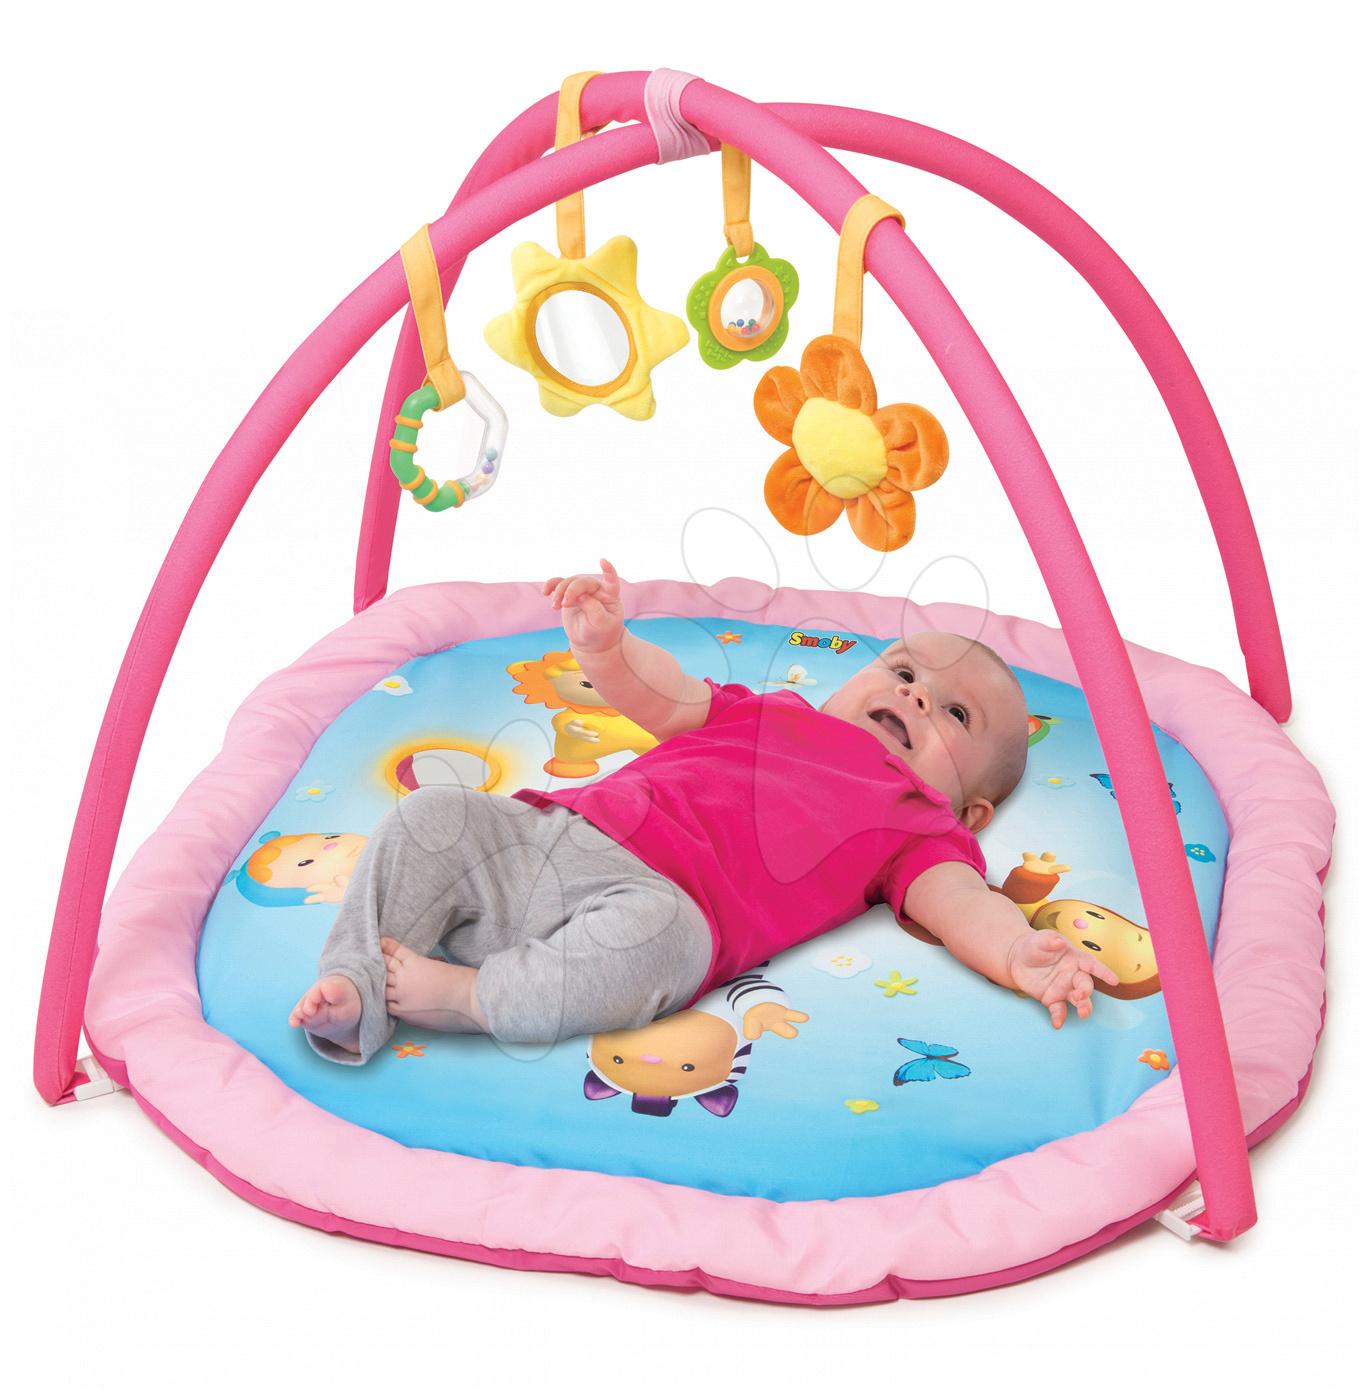 Hrazdičky a hrací deky - Hrací deka s hrazdou Cotoons Activity Smoby s chrastítkem, kousátkem, zrcadlem a plyšovou květinkou růžová